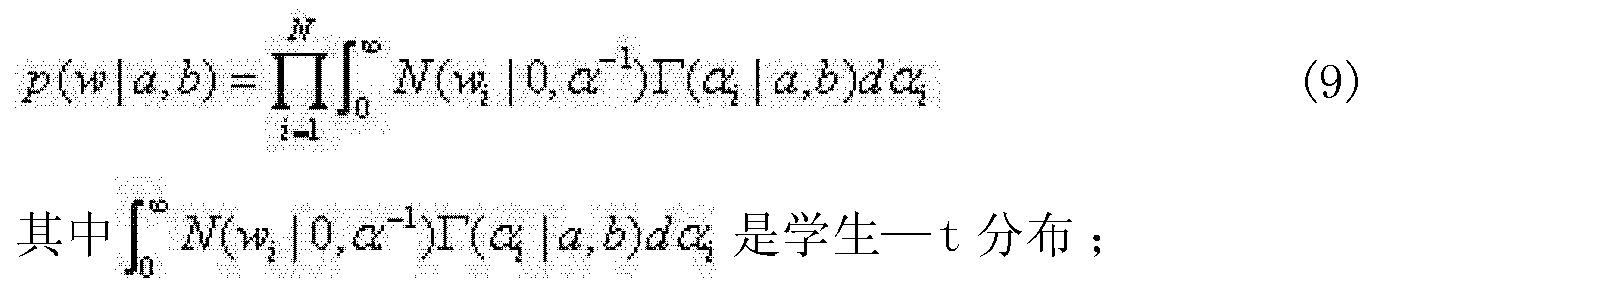 Figure CN104376311AC00033